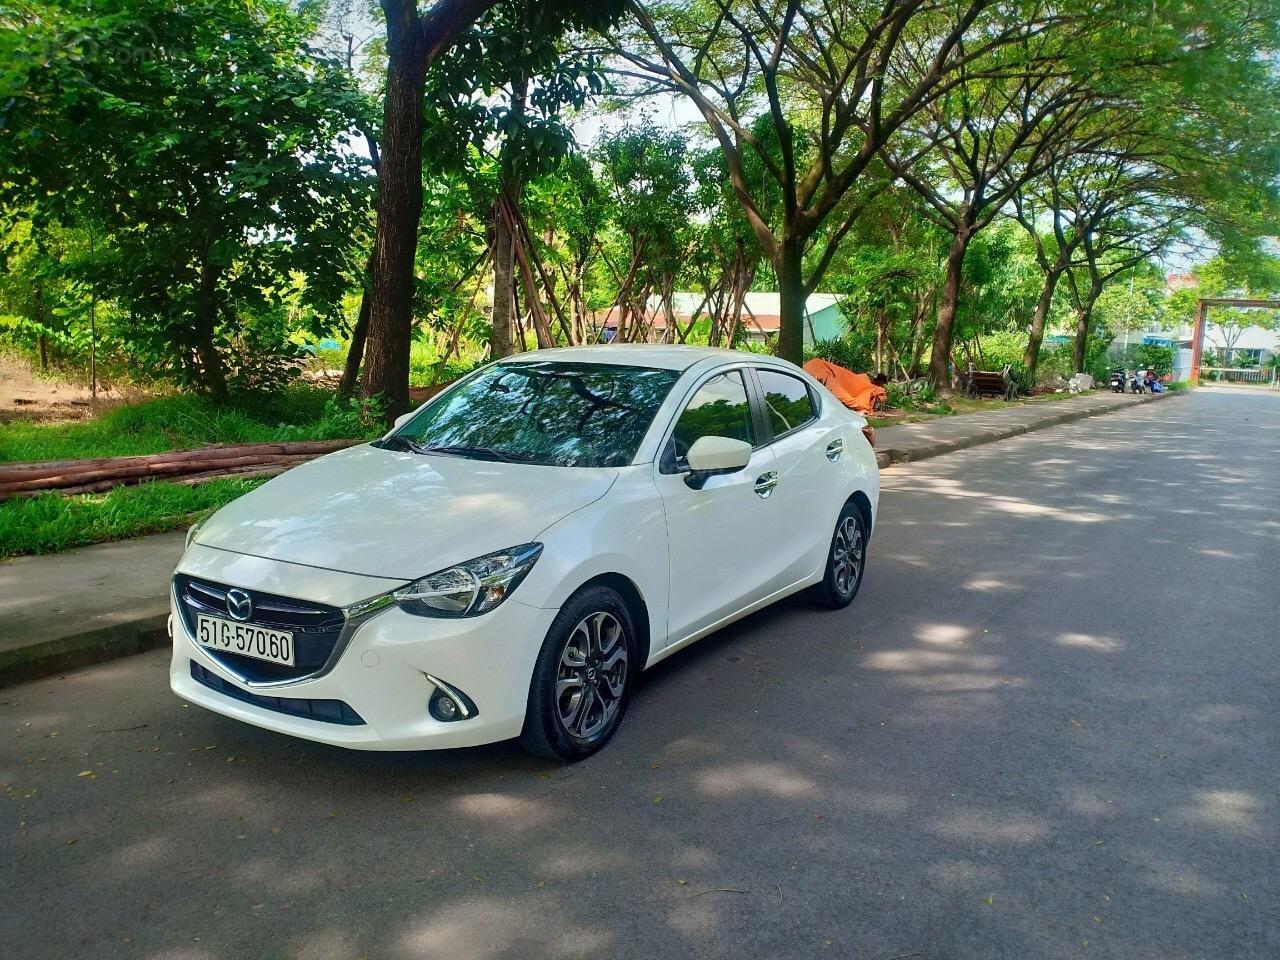 Bán ô tô Mazda 2 sản xuất 2018, xe đi kỹ chưa đâm đụng bán lại 520 (2)